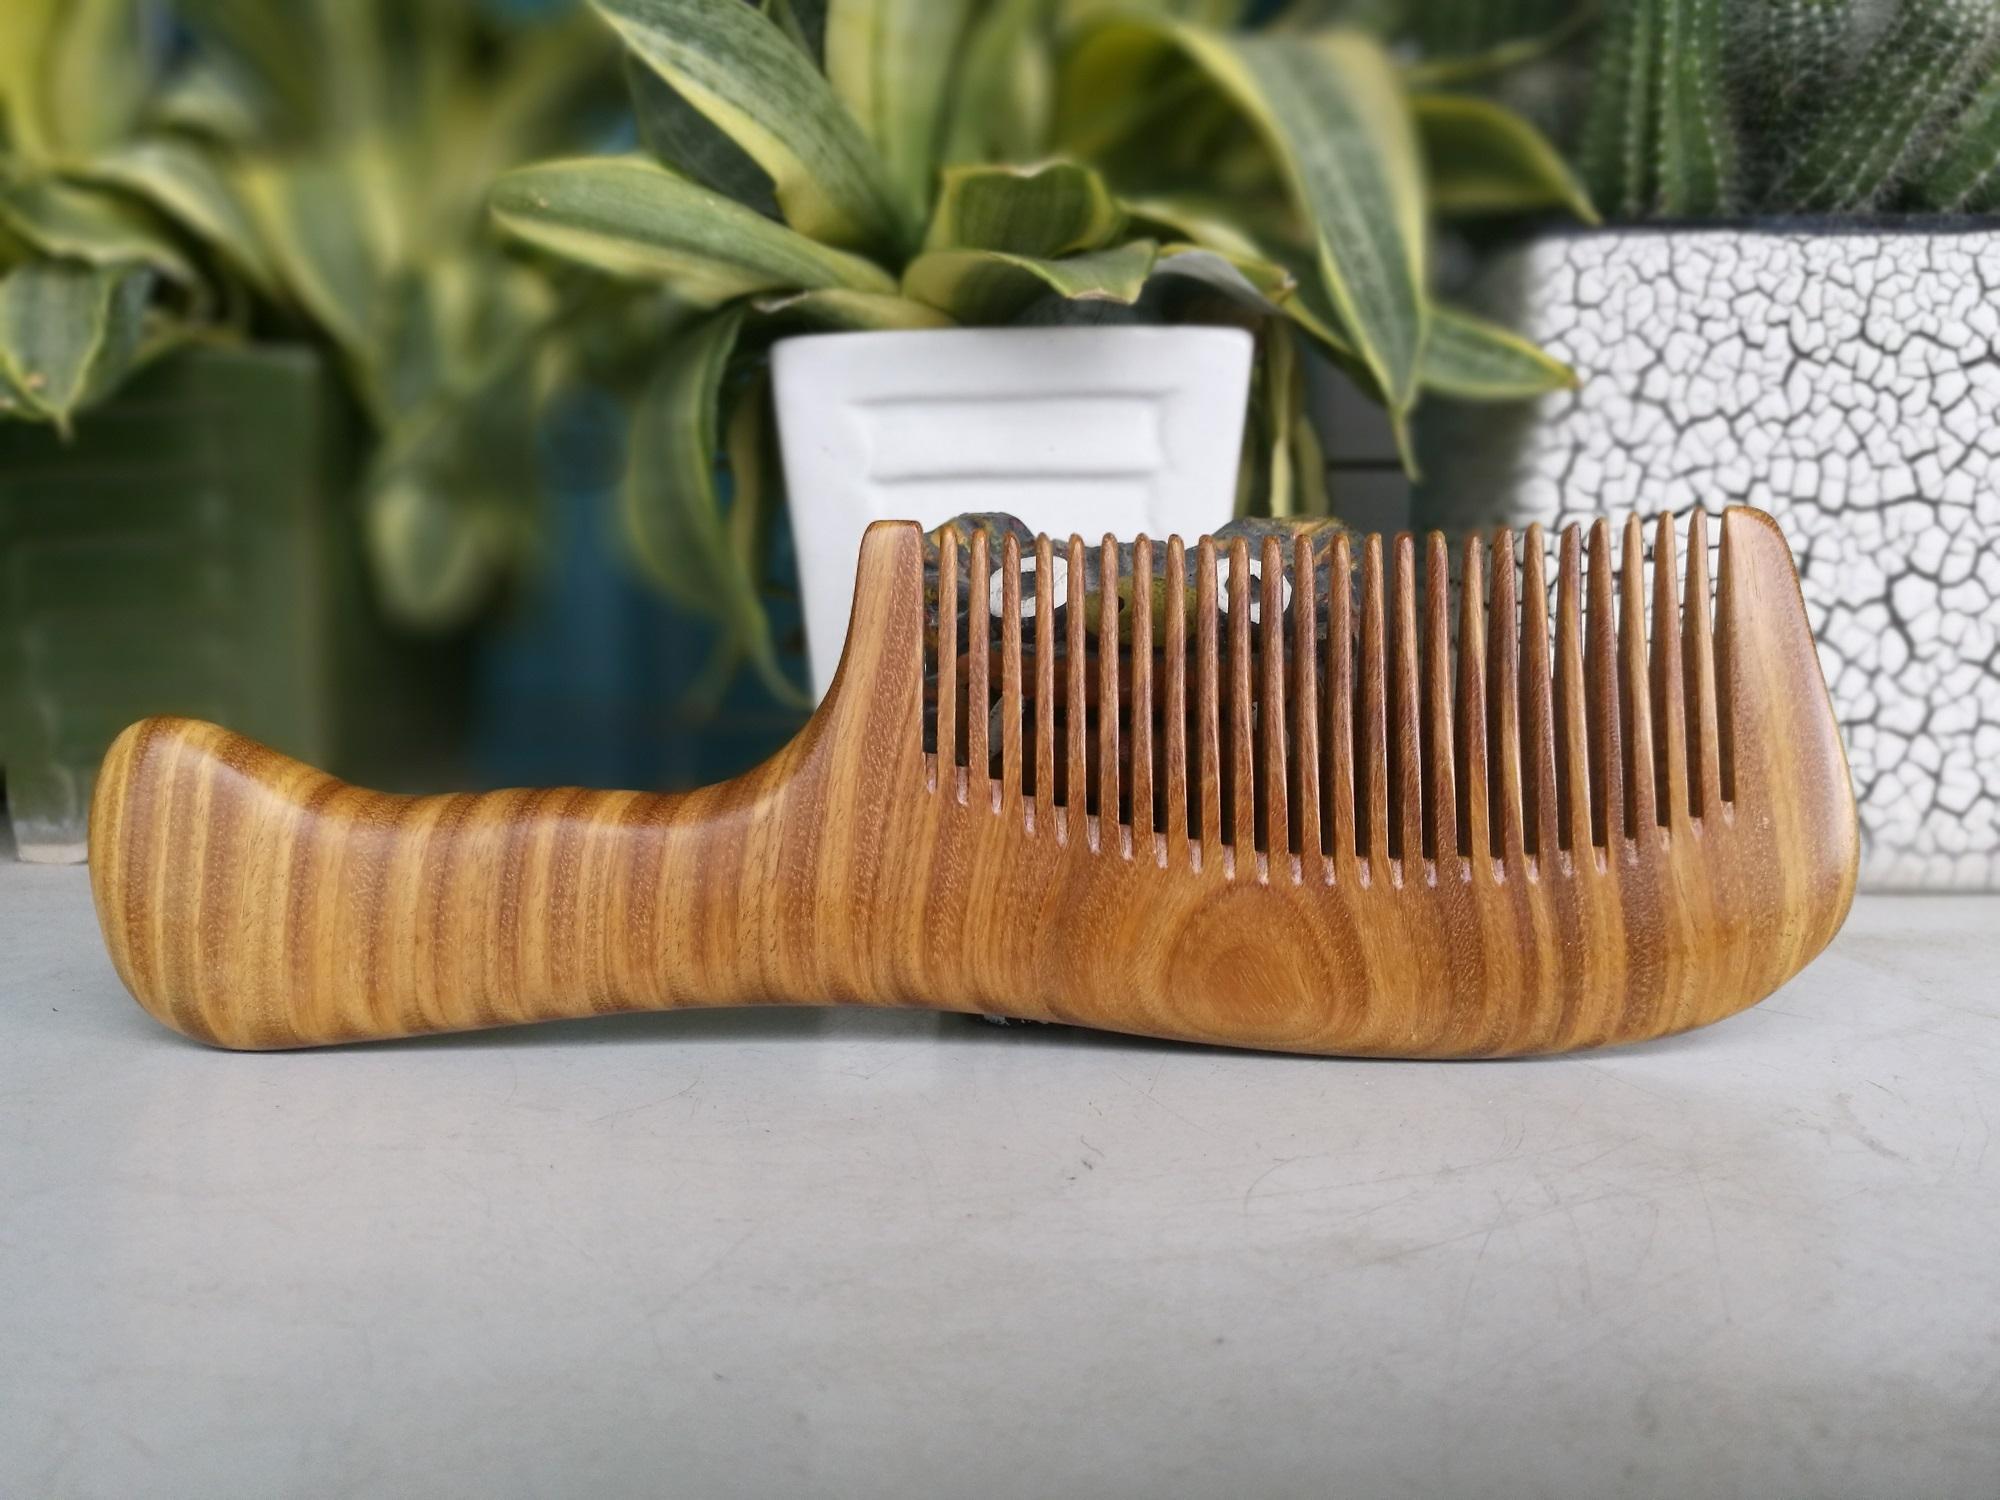 Lược gỗ bách xanh (răng mau) lược gỗ không tĩnh điện giúp ngăn xơ rụng tóc-giúp tóc suôn mềm óng ả-giúp thư thái tĩnh tâm giảm stress -Quà tặng cao cấp- thatchatstore BX01